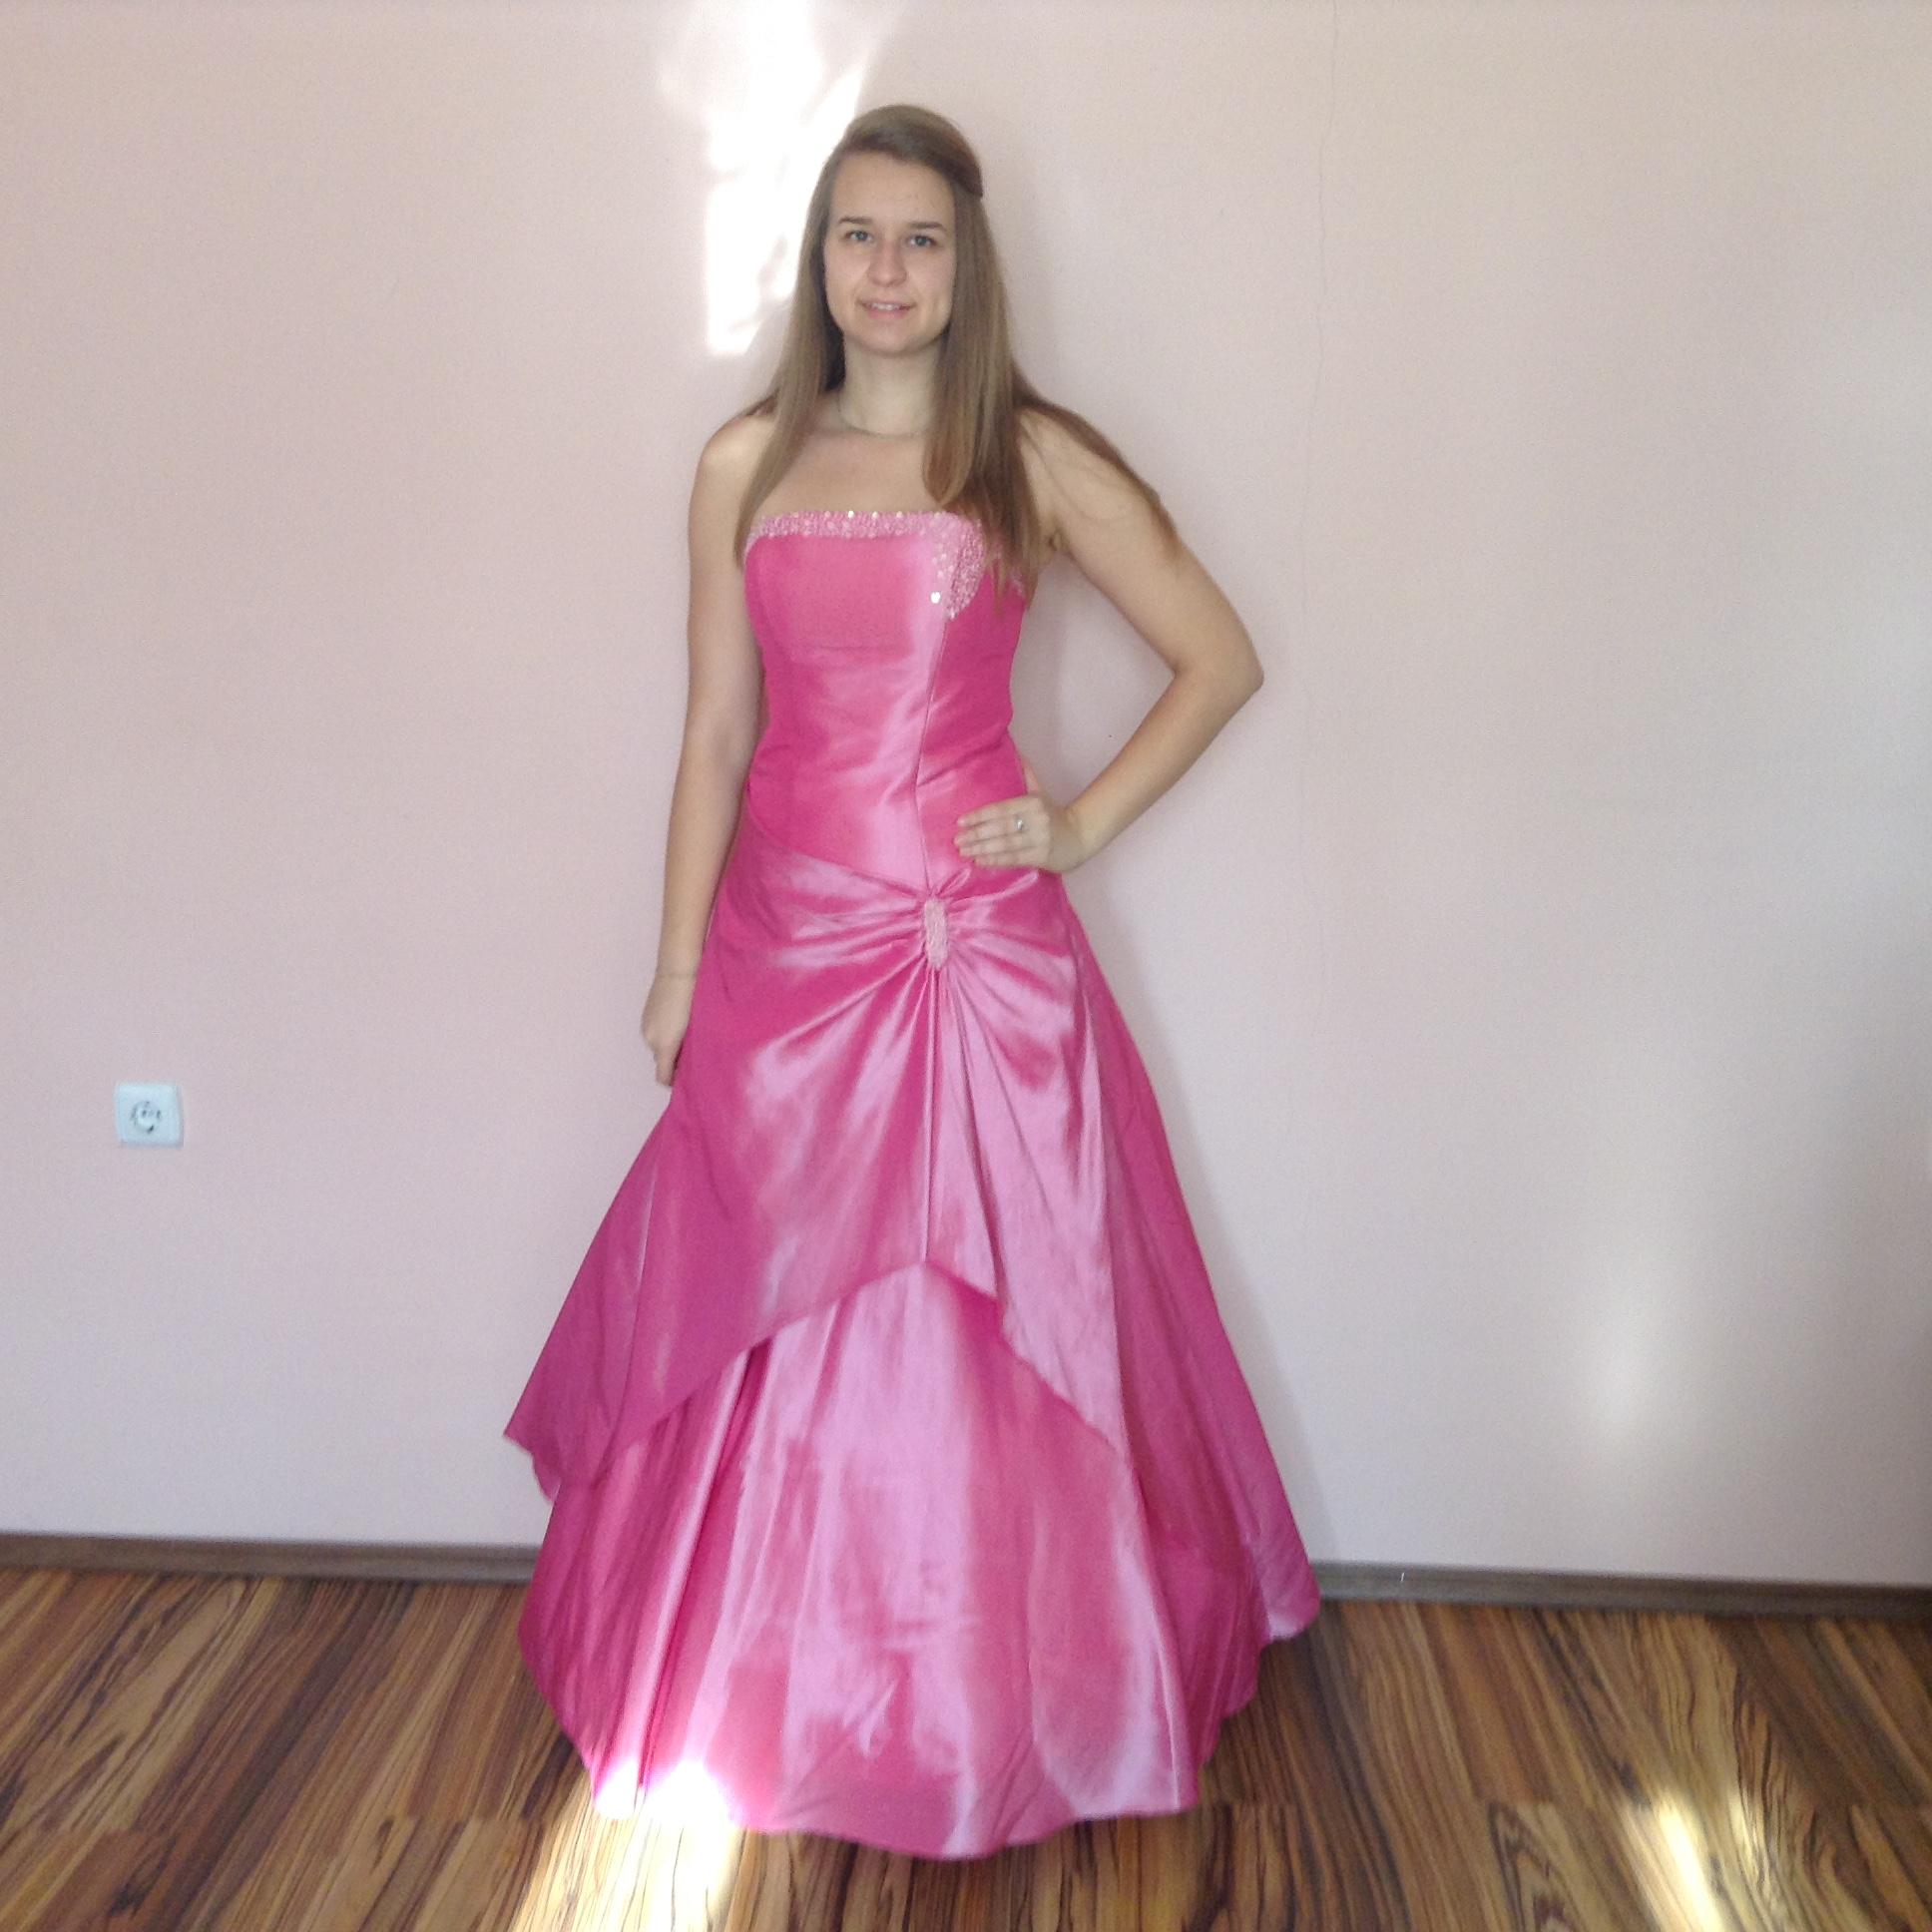 5db654aec69 Rózsaszín koszorúslány ruha (R-45) - Evelin Esküvői Ruhaszalon